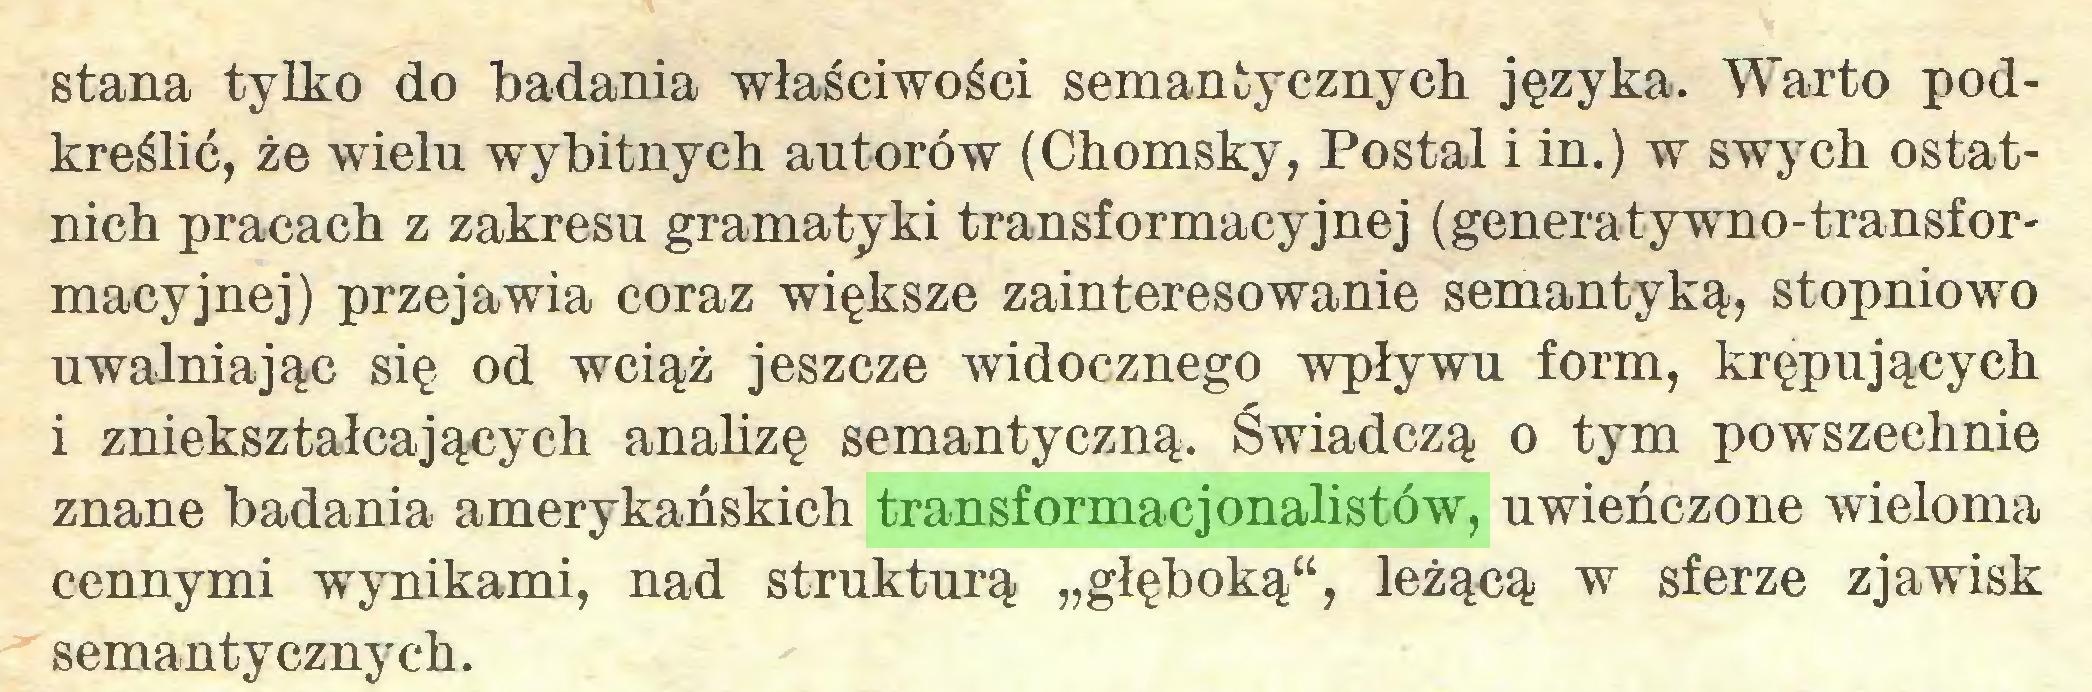 """(...) stana tylko do badania właściwości semantycznych języka. Warto podkreślić, że wielu wybitnych autorów (Chomsky, Postal i in.) w swych ostatnich pracach z zakresu gramatyki transformacyjnej (generatywno-transformacyjnej) przejawia coraz większe zainteresowanie semantyką, stopniowo uwalniając się od wciąż jeszcze widocznego wpływu form, krępujących i zniekształcających analizę semantyczną. Świadczą o tym powszechnie znane badania amerykańskich transformacjonalistów, uwieńczone wieloma cennymi wynikami, nad strukturą """"głęboką"""", leżącą w sferze zjawisk semantycznych..."""